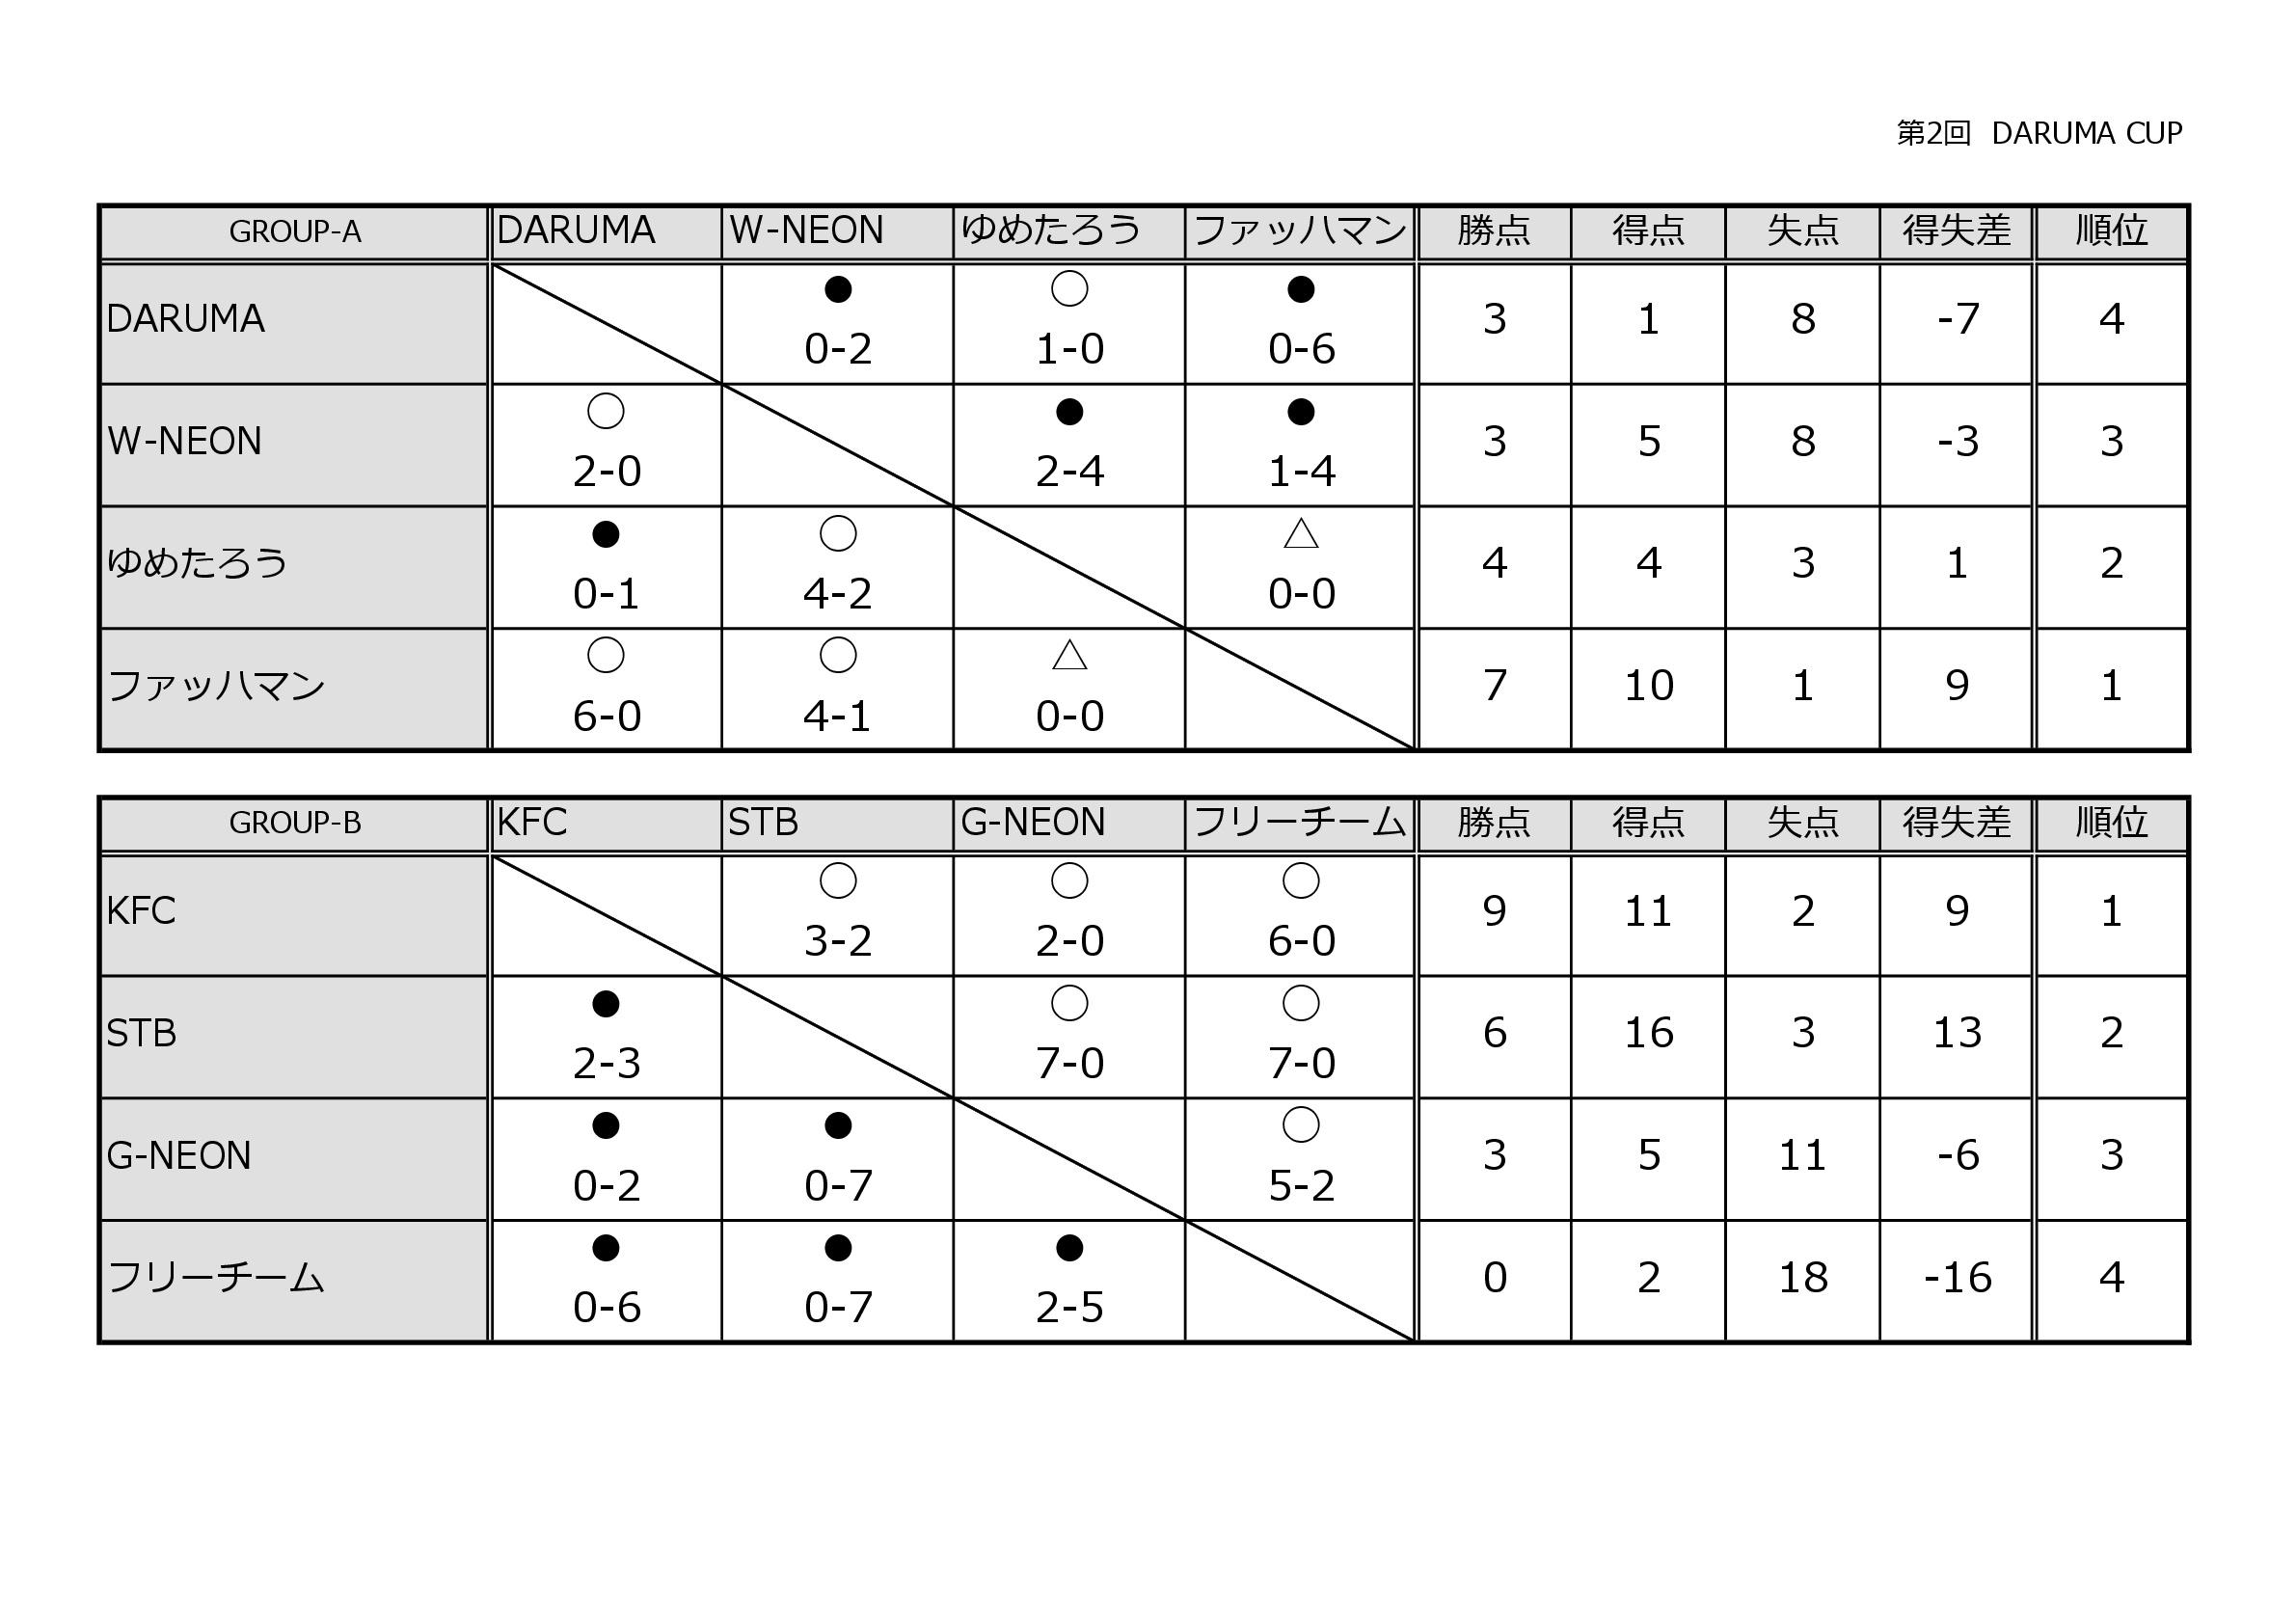 8-7-daruma-cup2-001-%e3%82%b3%e3%83%94%e3%83%bc